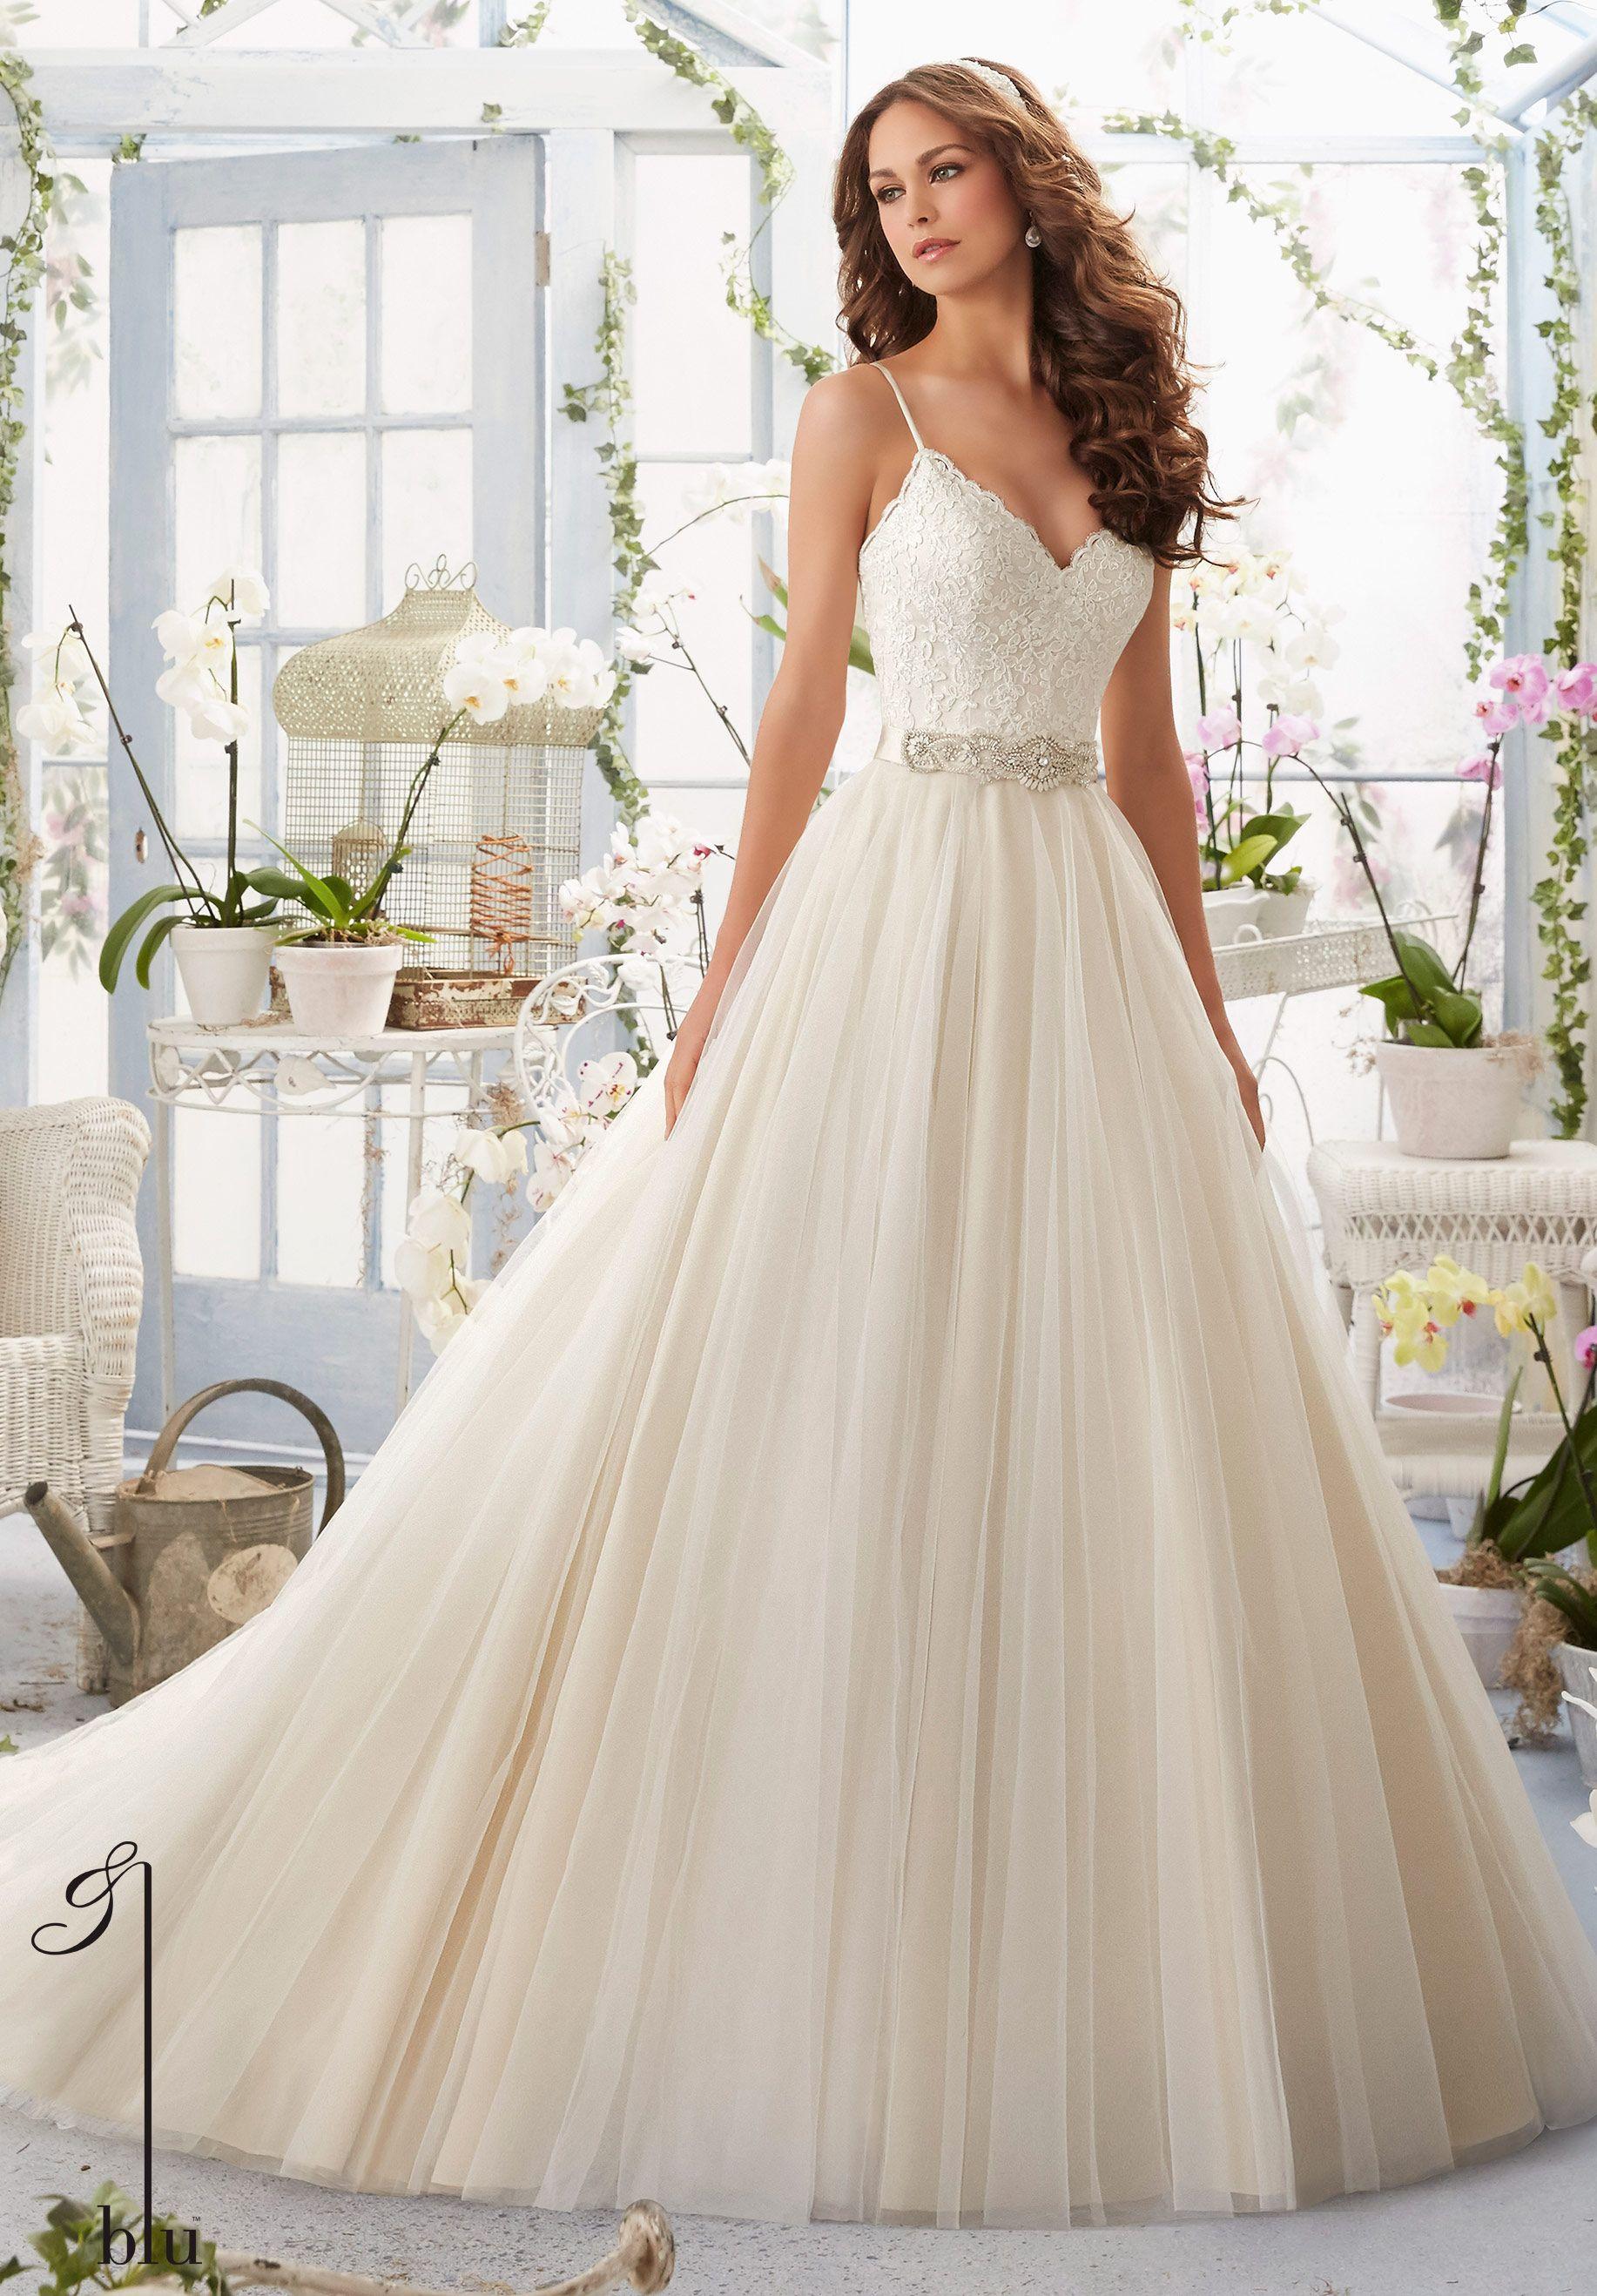 Gemütlich Hawaiische Hochzeitskleid Bilder - Brautkleider Ideen ...